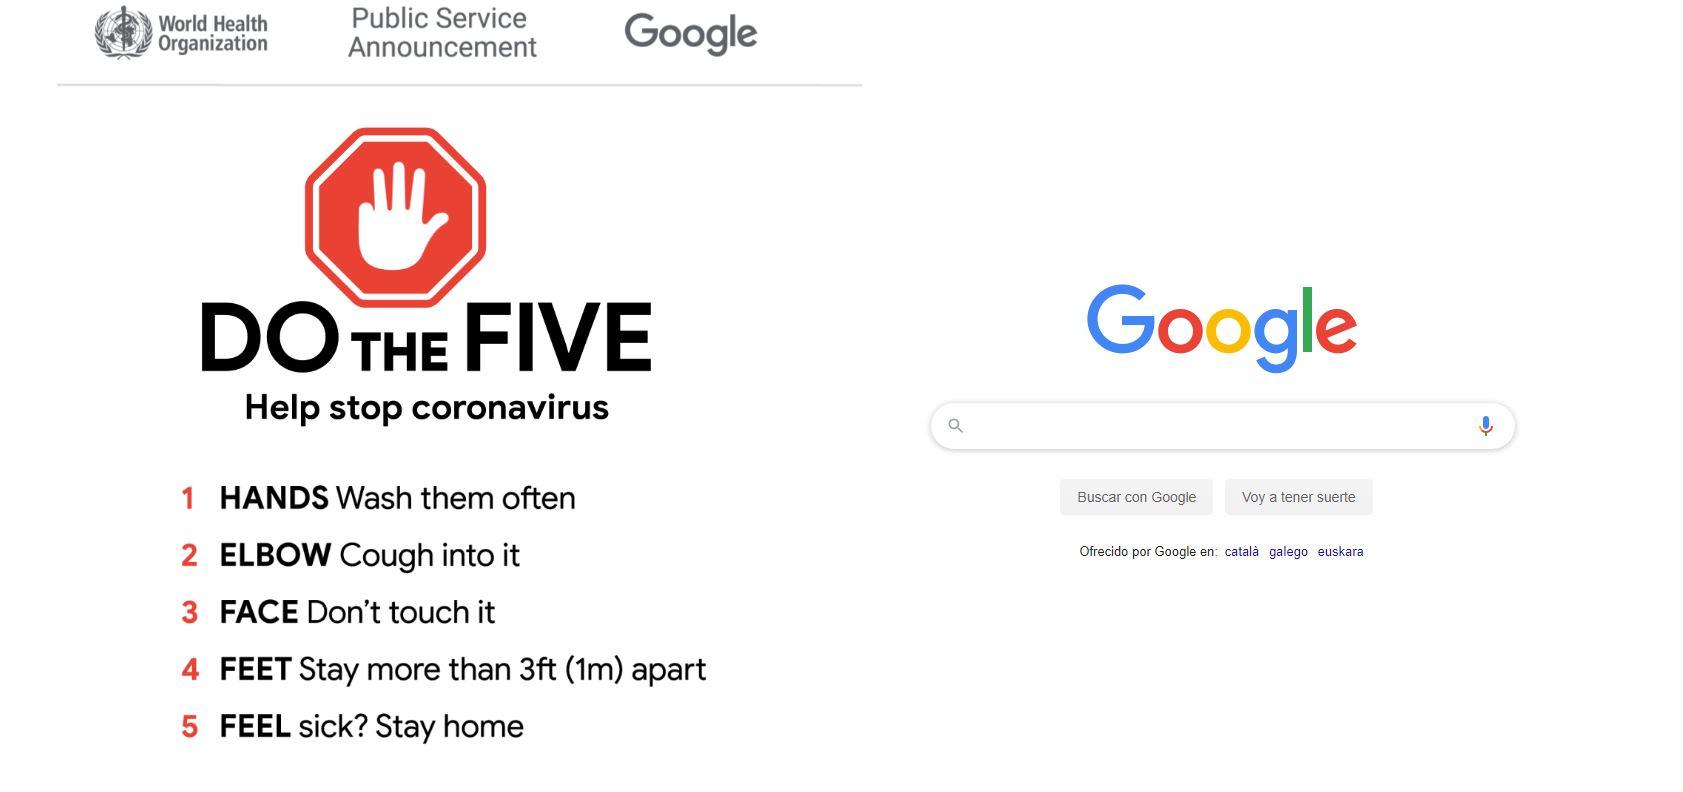 El lunes se lanzará el portal de Google sobre el coronavirus